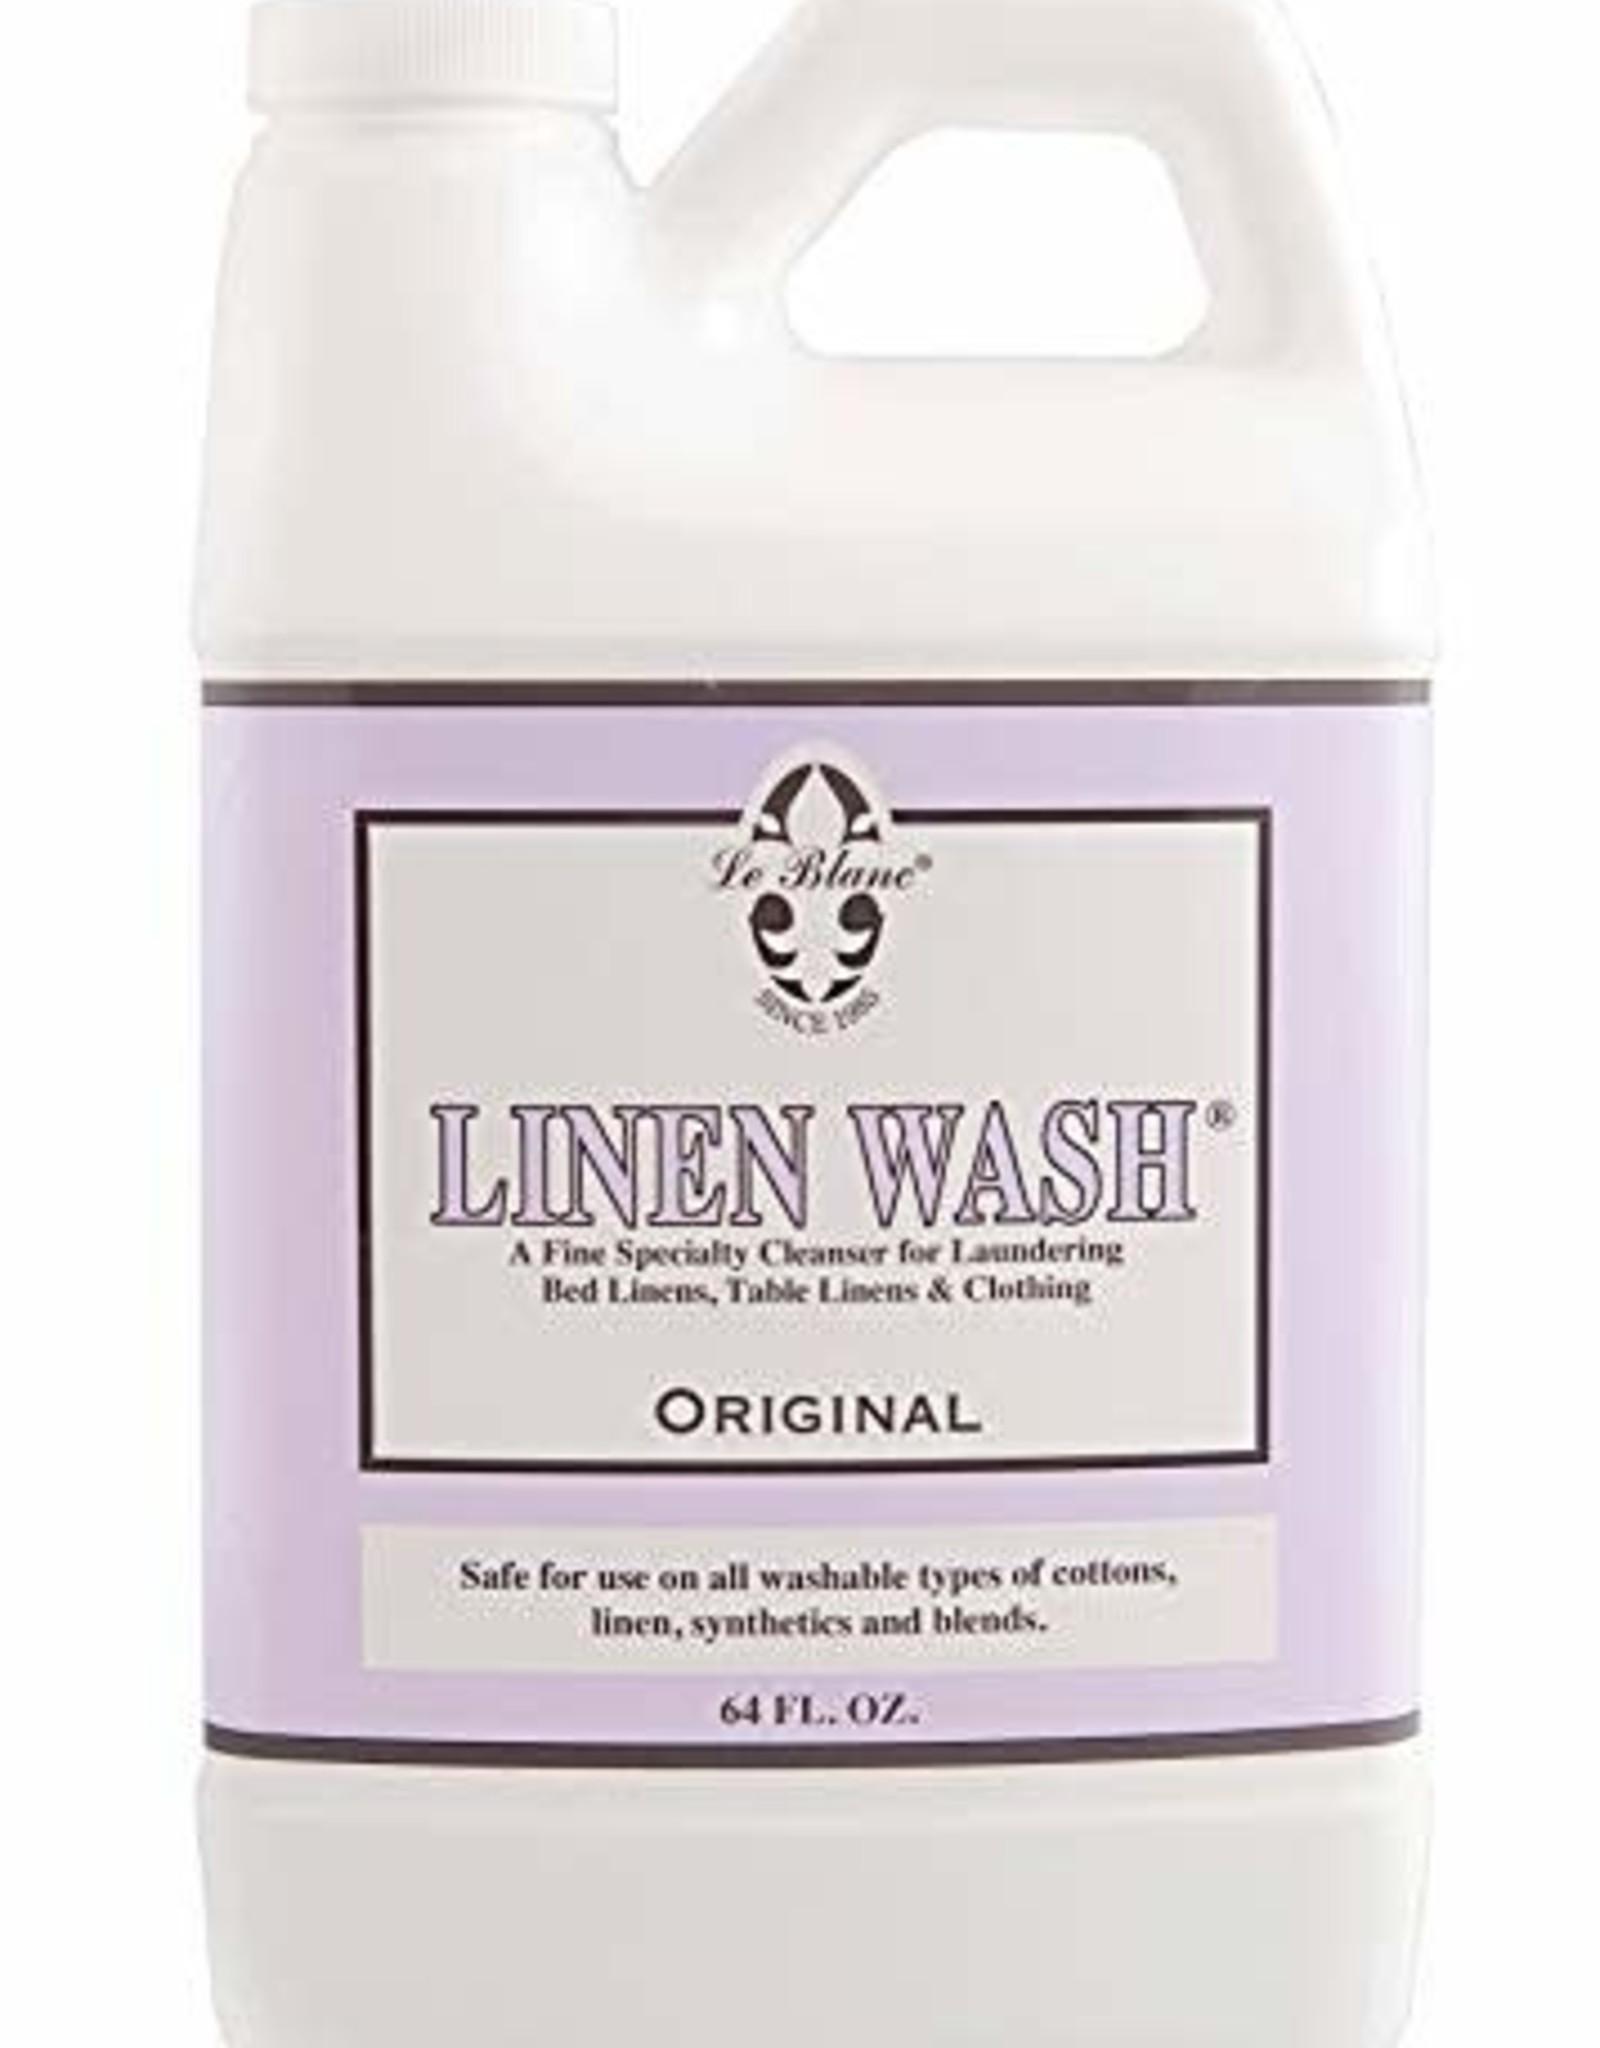 Le Blanc Le Blanc - Linen Wash 64oz